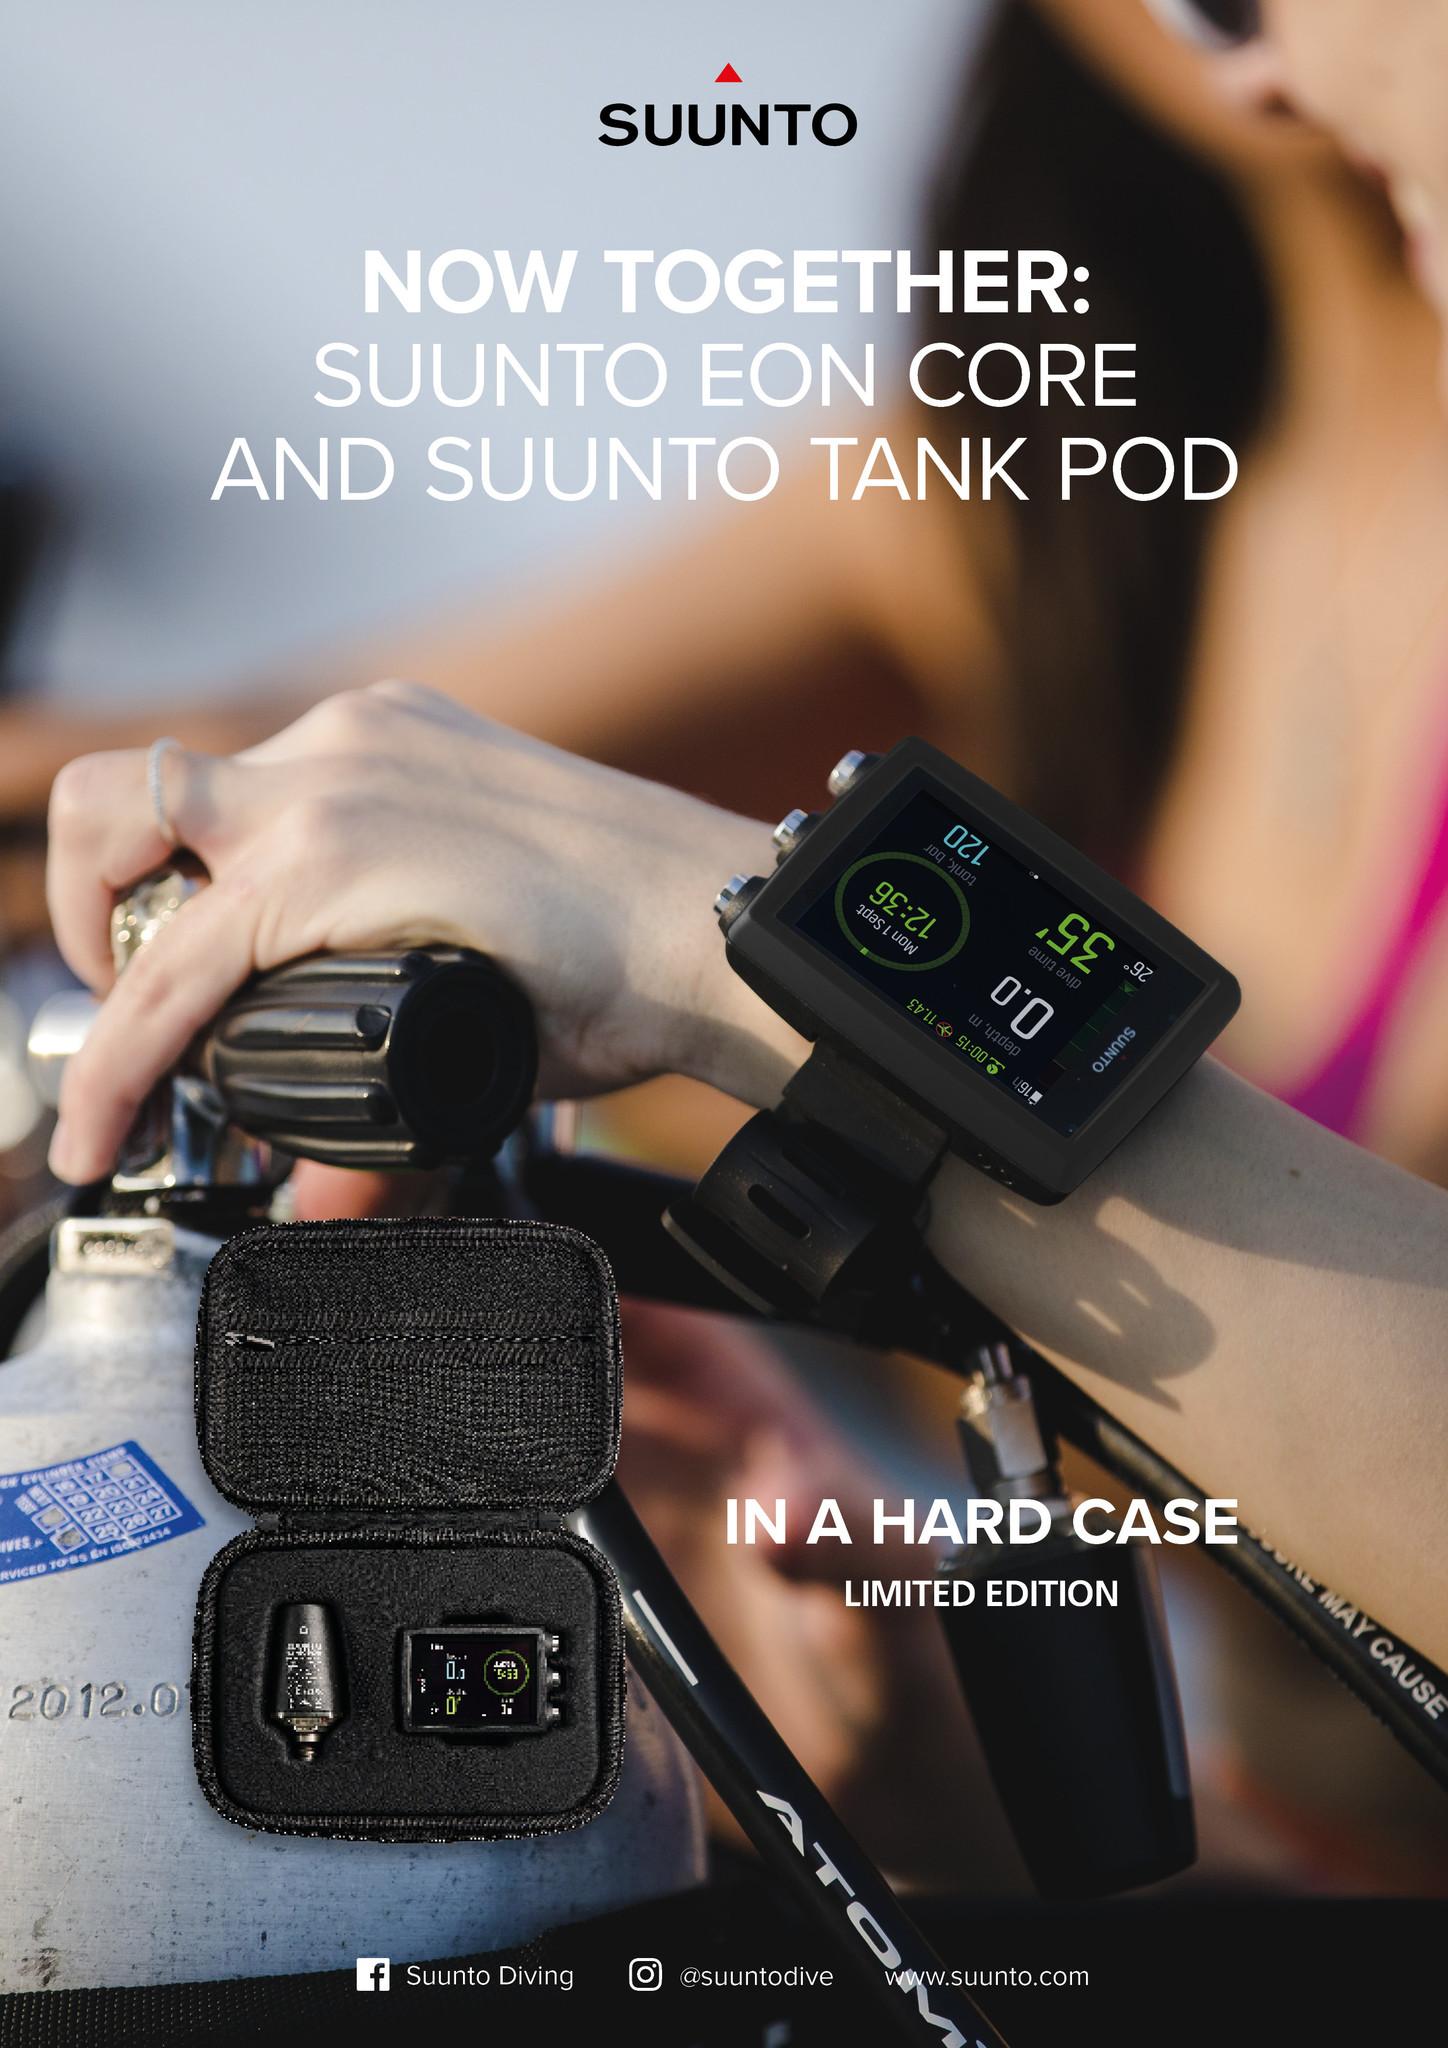 Suunto Suunto EON Core duikcomputer & Suunto Tankpod inclusief usb kabel, hardcase en air-flow restrictor